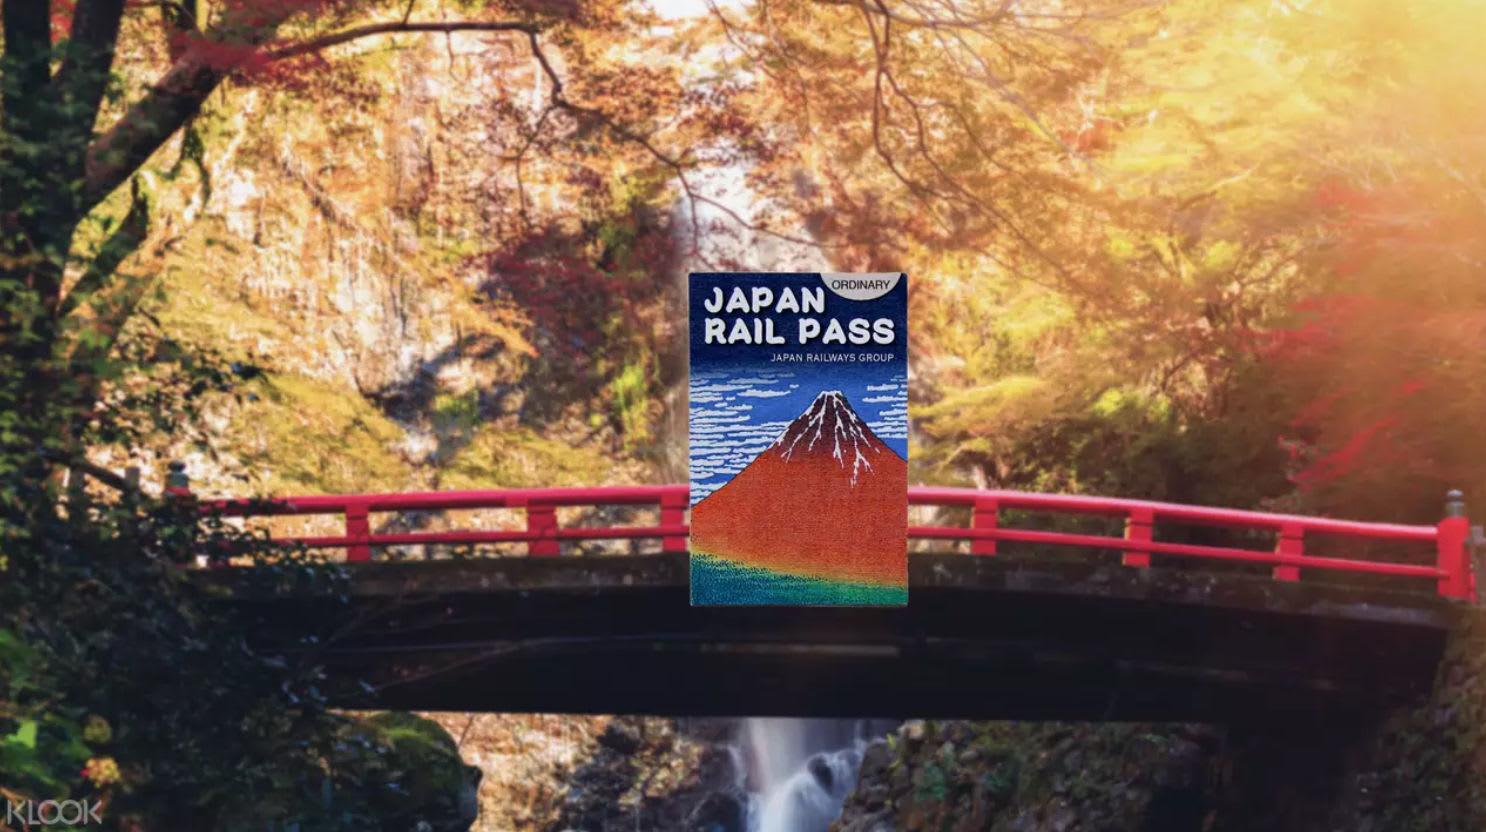 hoạt động săn hoa anh đào ở nhật bản: japan rail pass